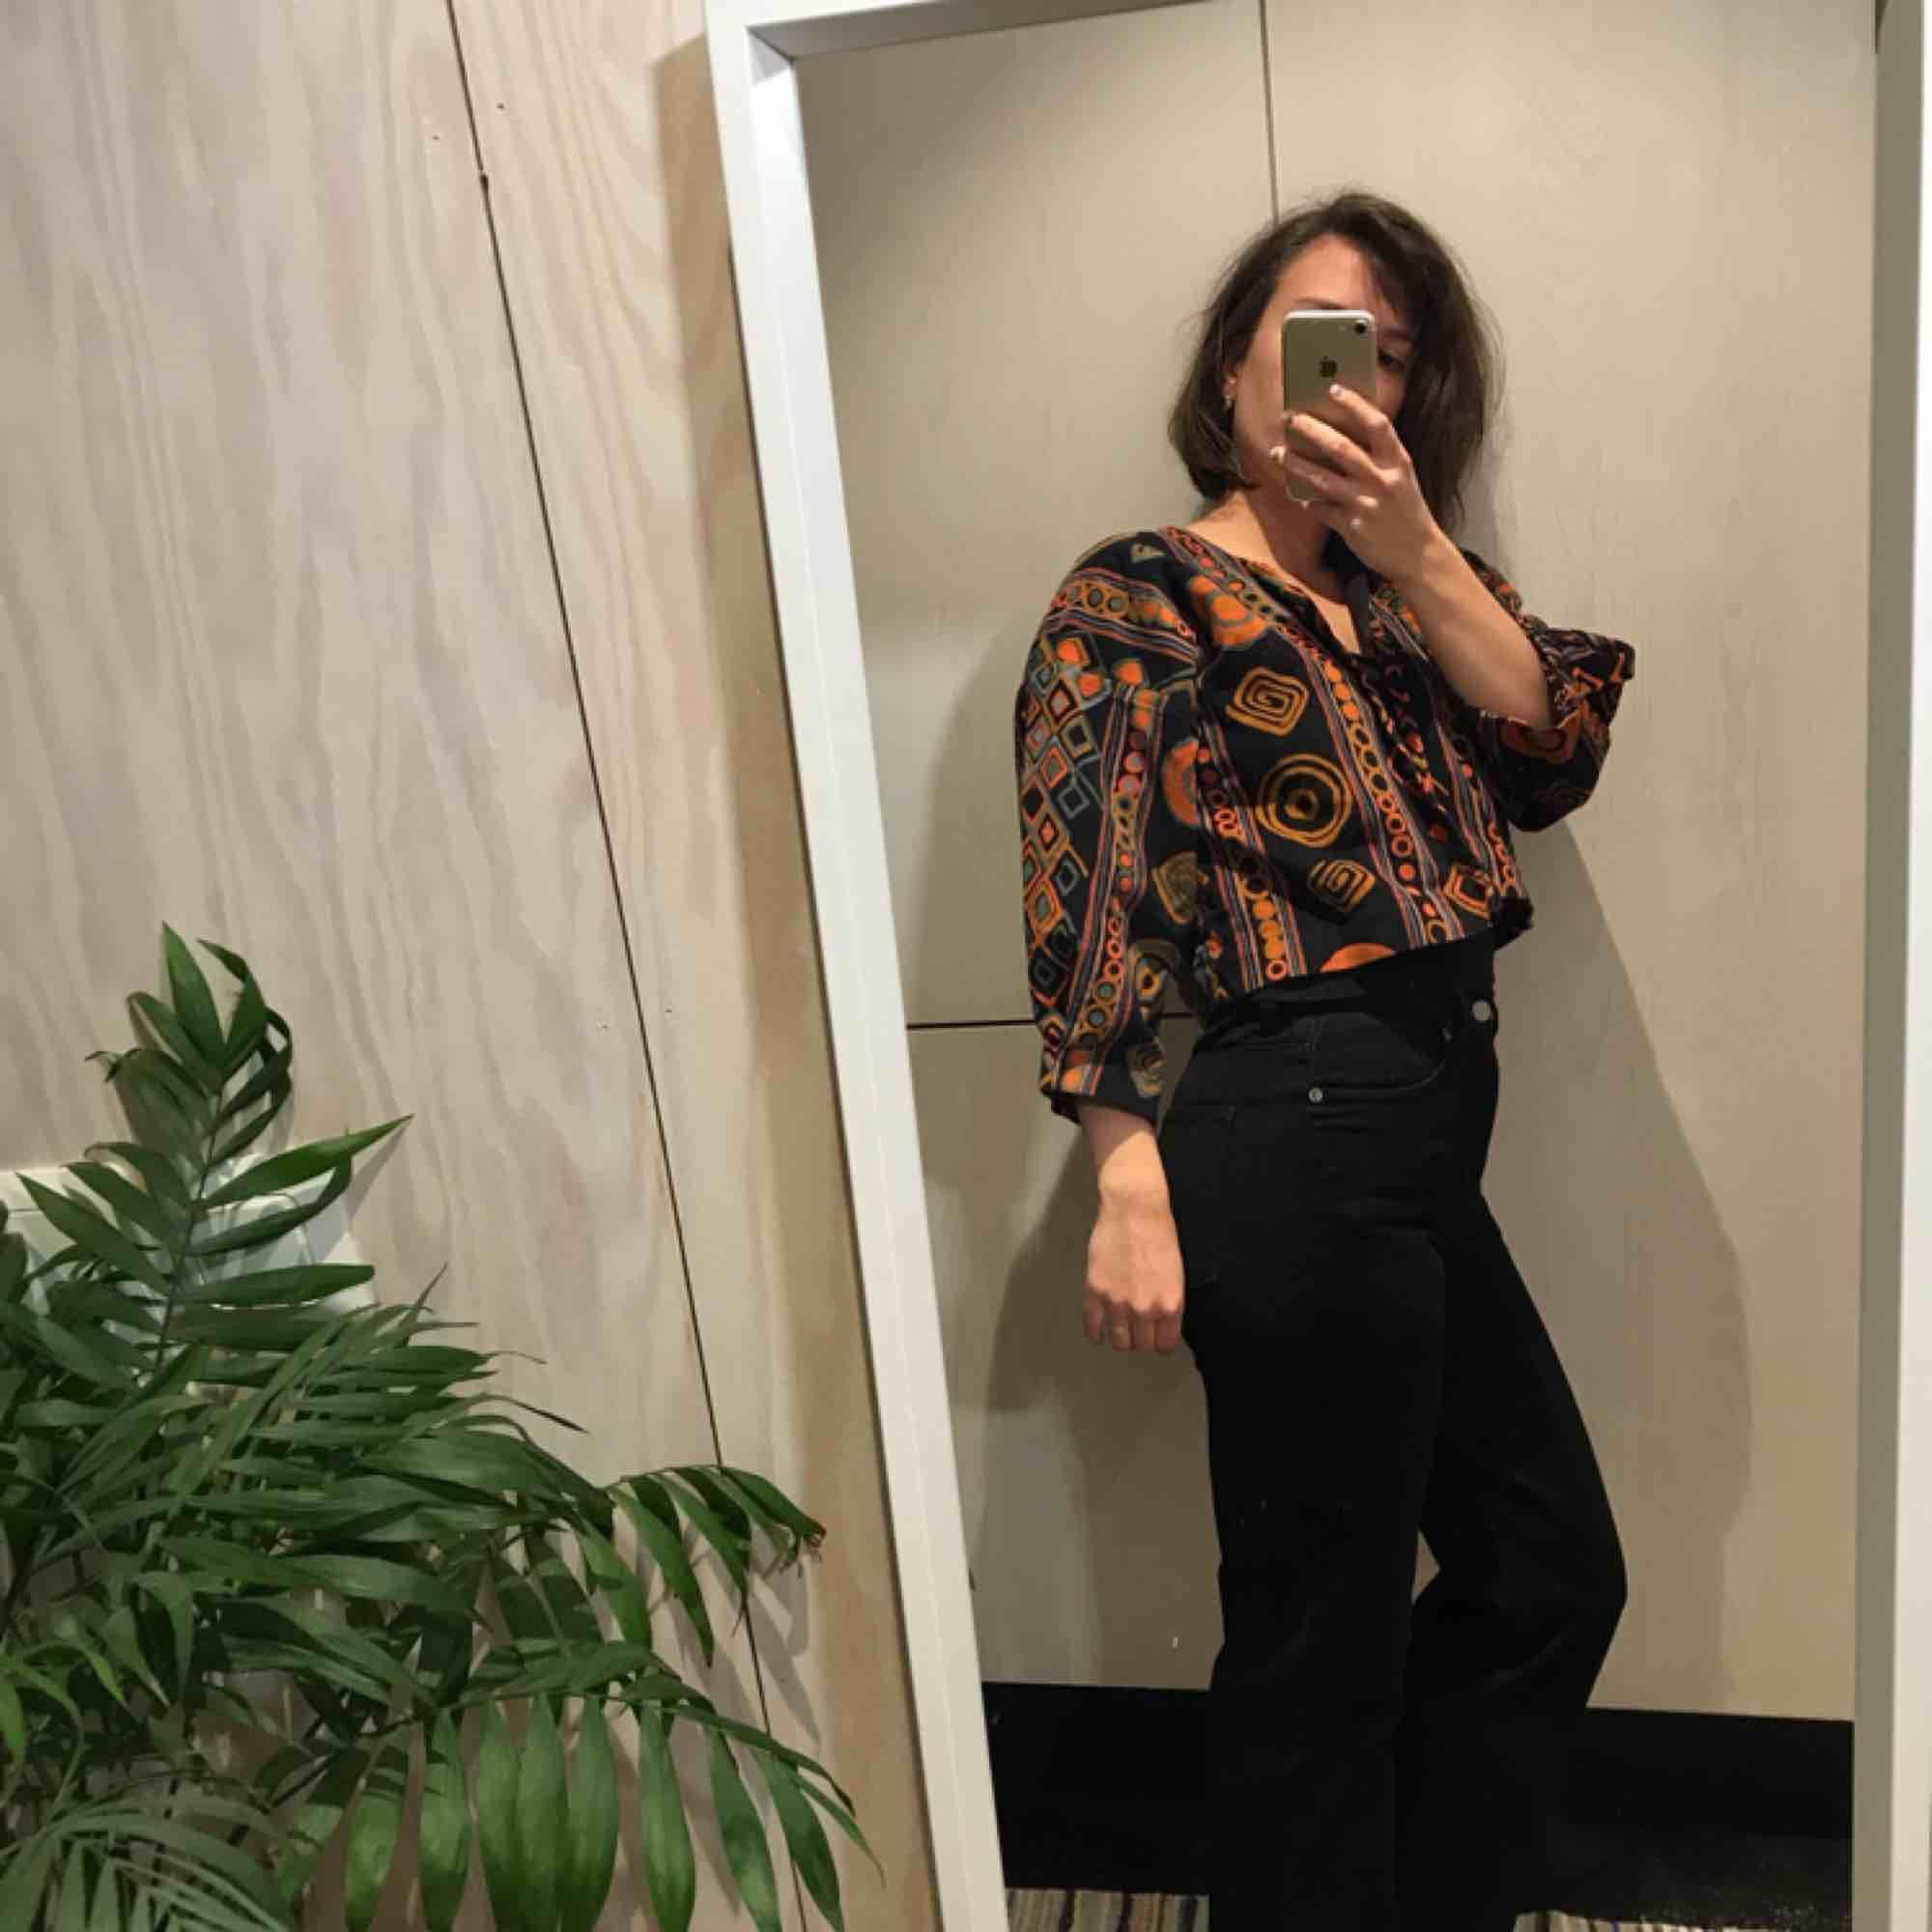 Möts gärna upp i Stockholm men postar självklart också om nödvändigt, köpare står då för frakt 😊 Kika gärna på mina andra grejer, har haft en stor garderobsrensning så finns mycket att fynda 😁. Kostymer.